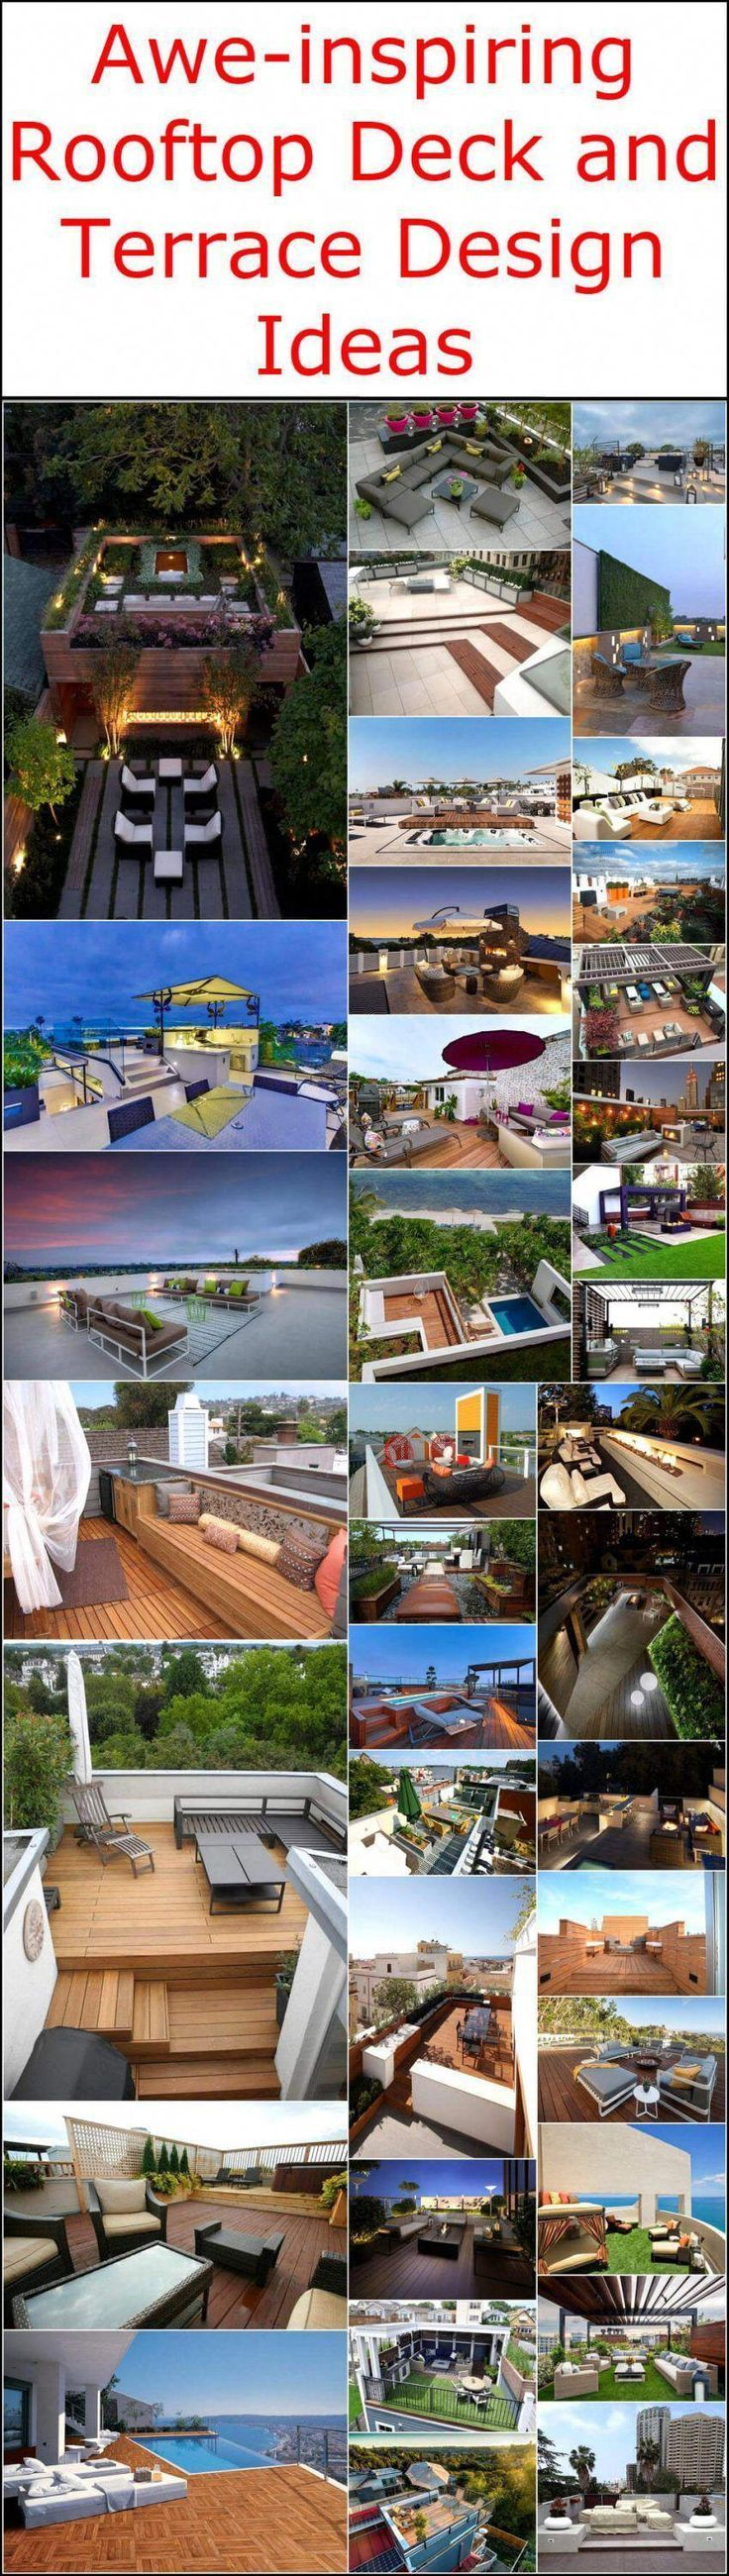 Photo of Idee di design impressionanti per terrazze e terrazze sul tetto #deckdesigner